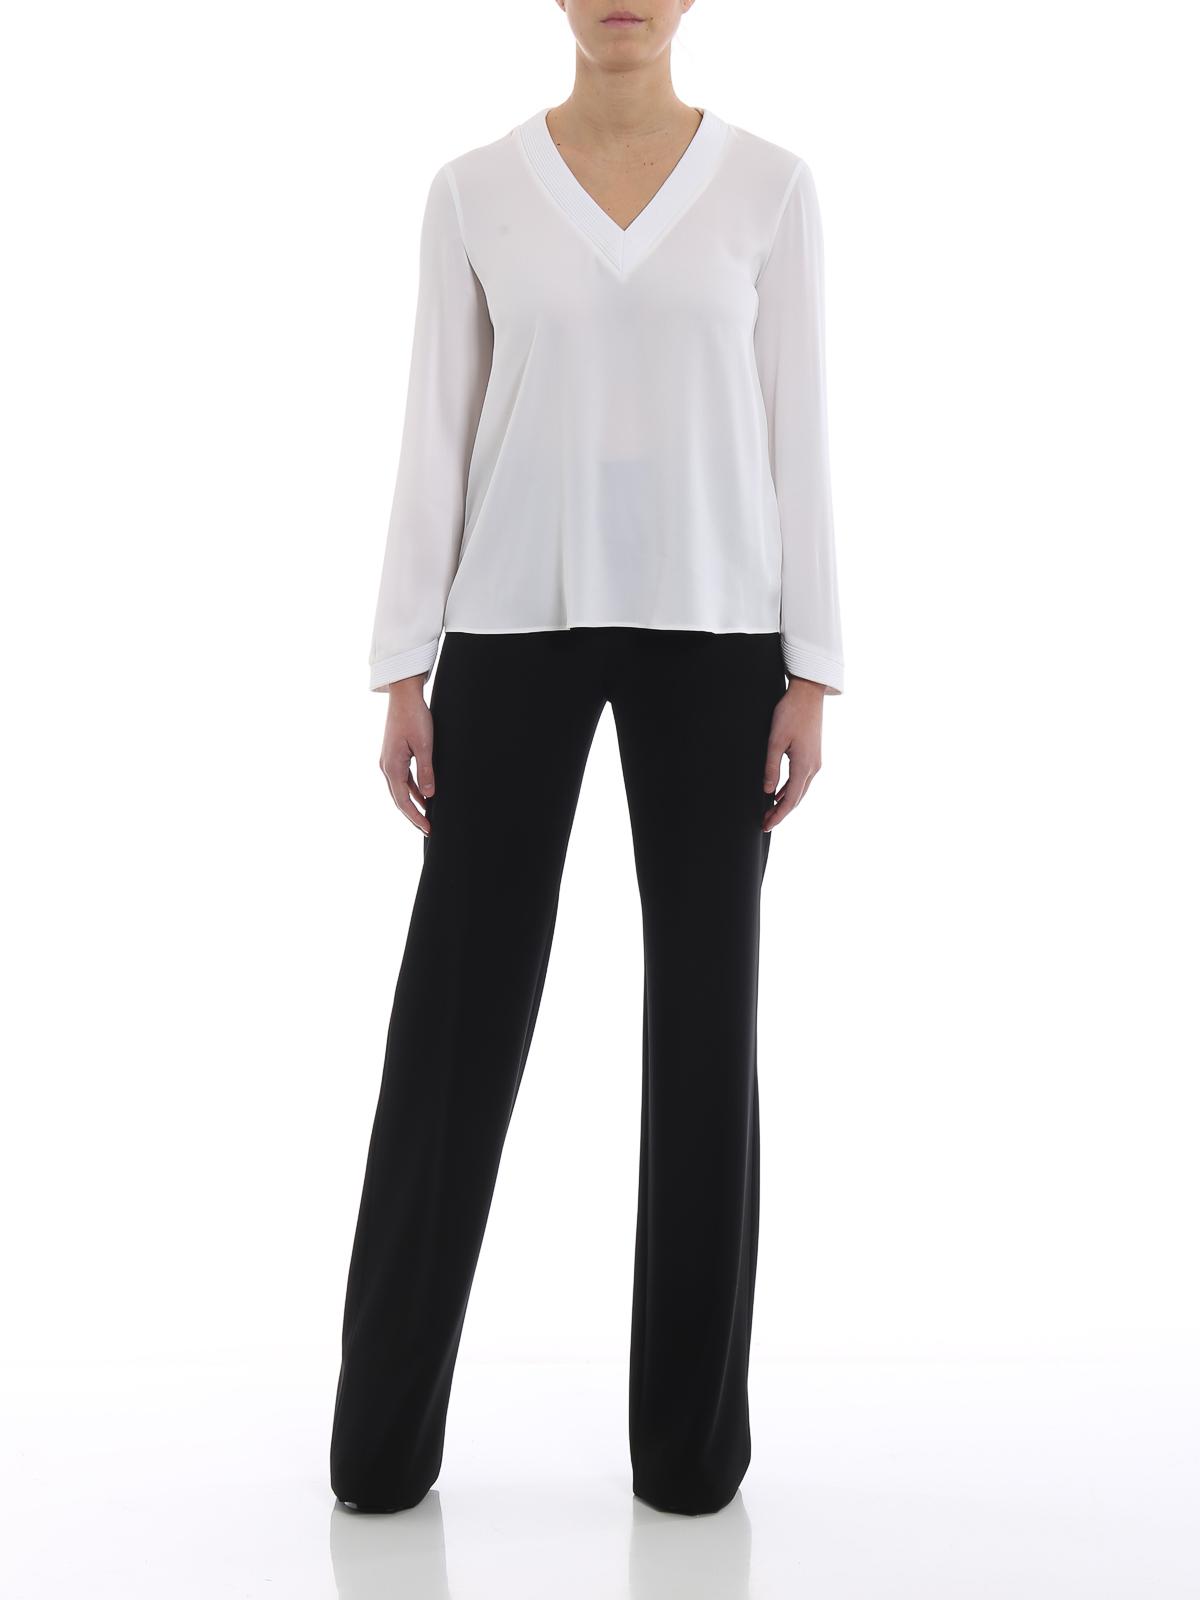 d8e7e8107197a Giorgio Armani - White silk V-neck blouse - بلوز - 9SHCC00C T008B U0BN